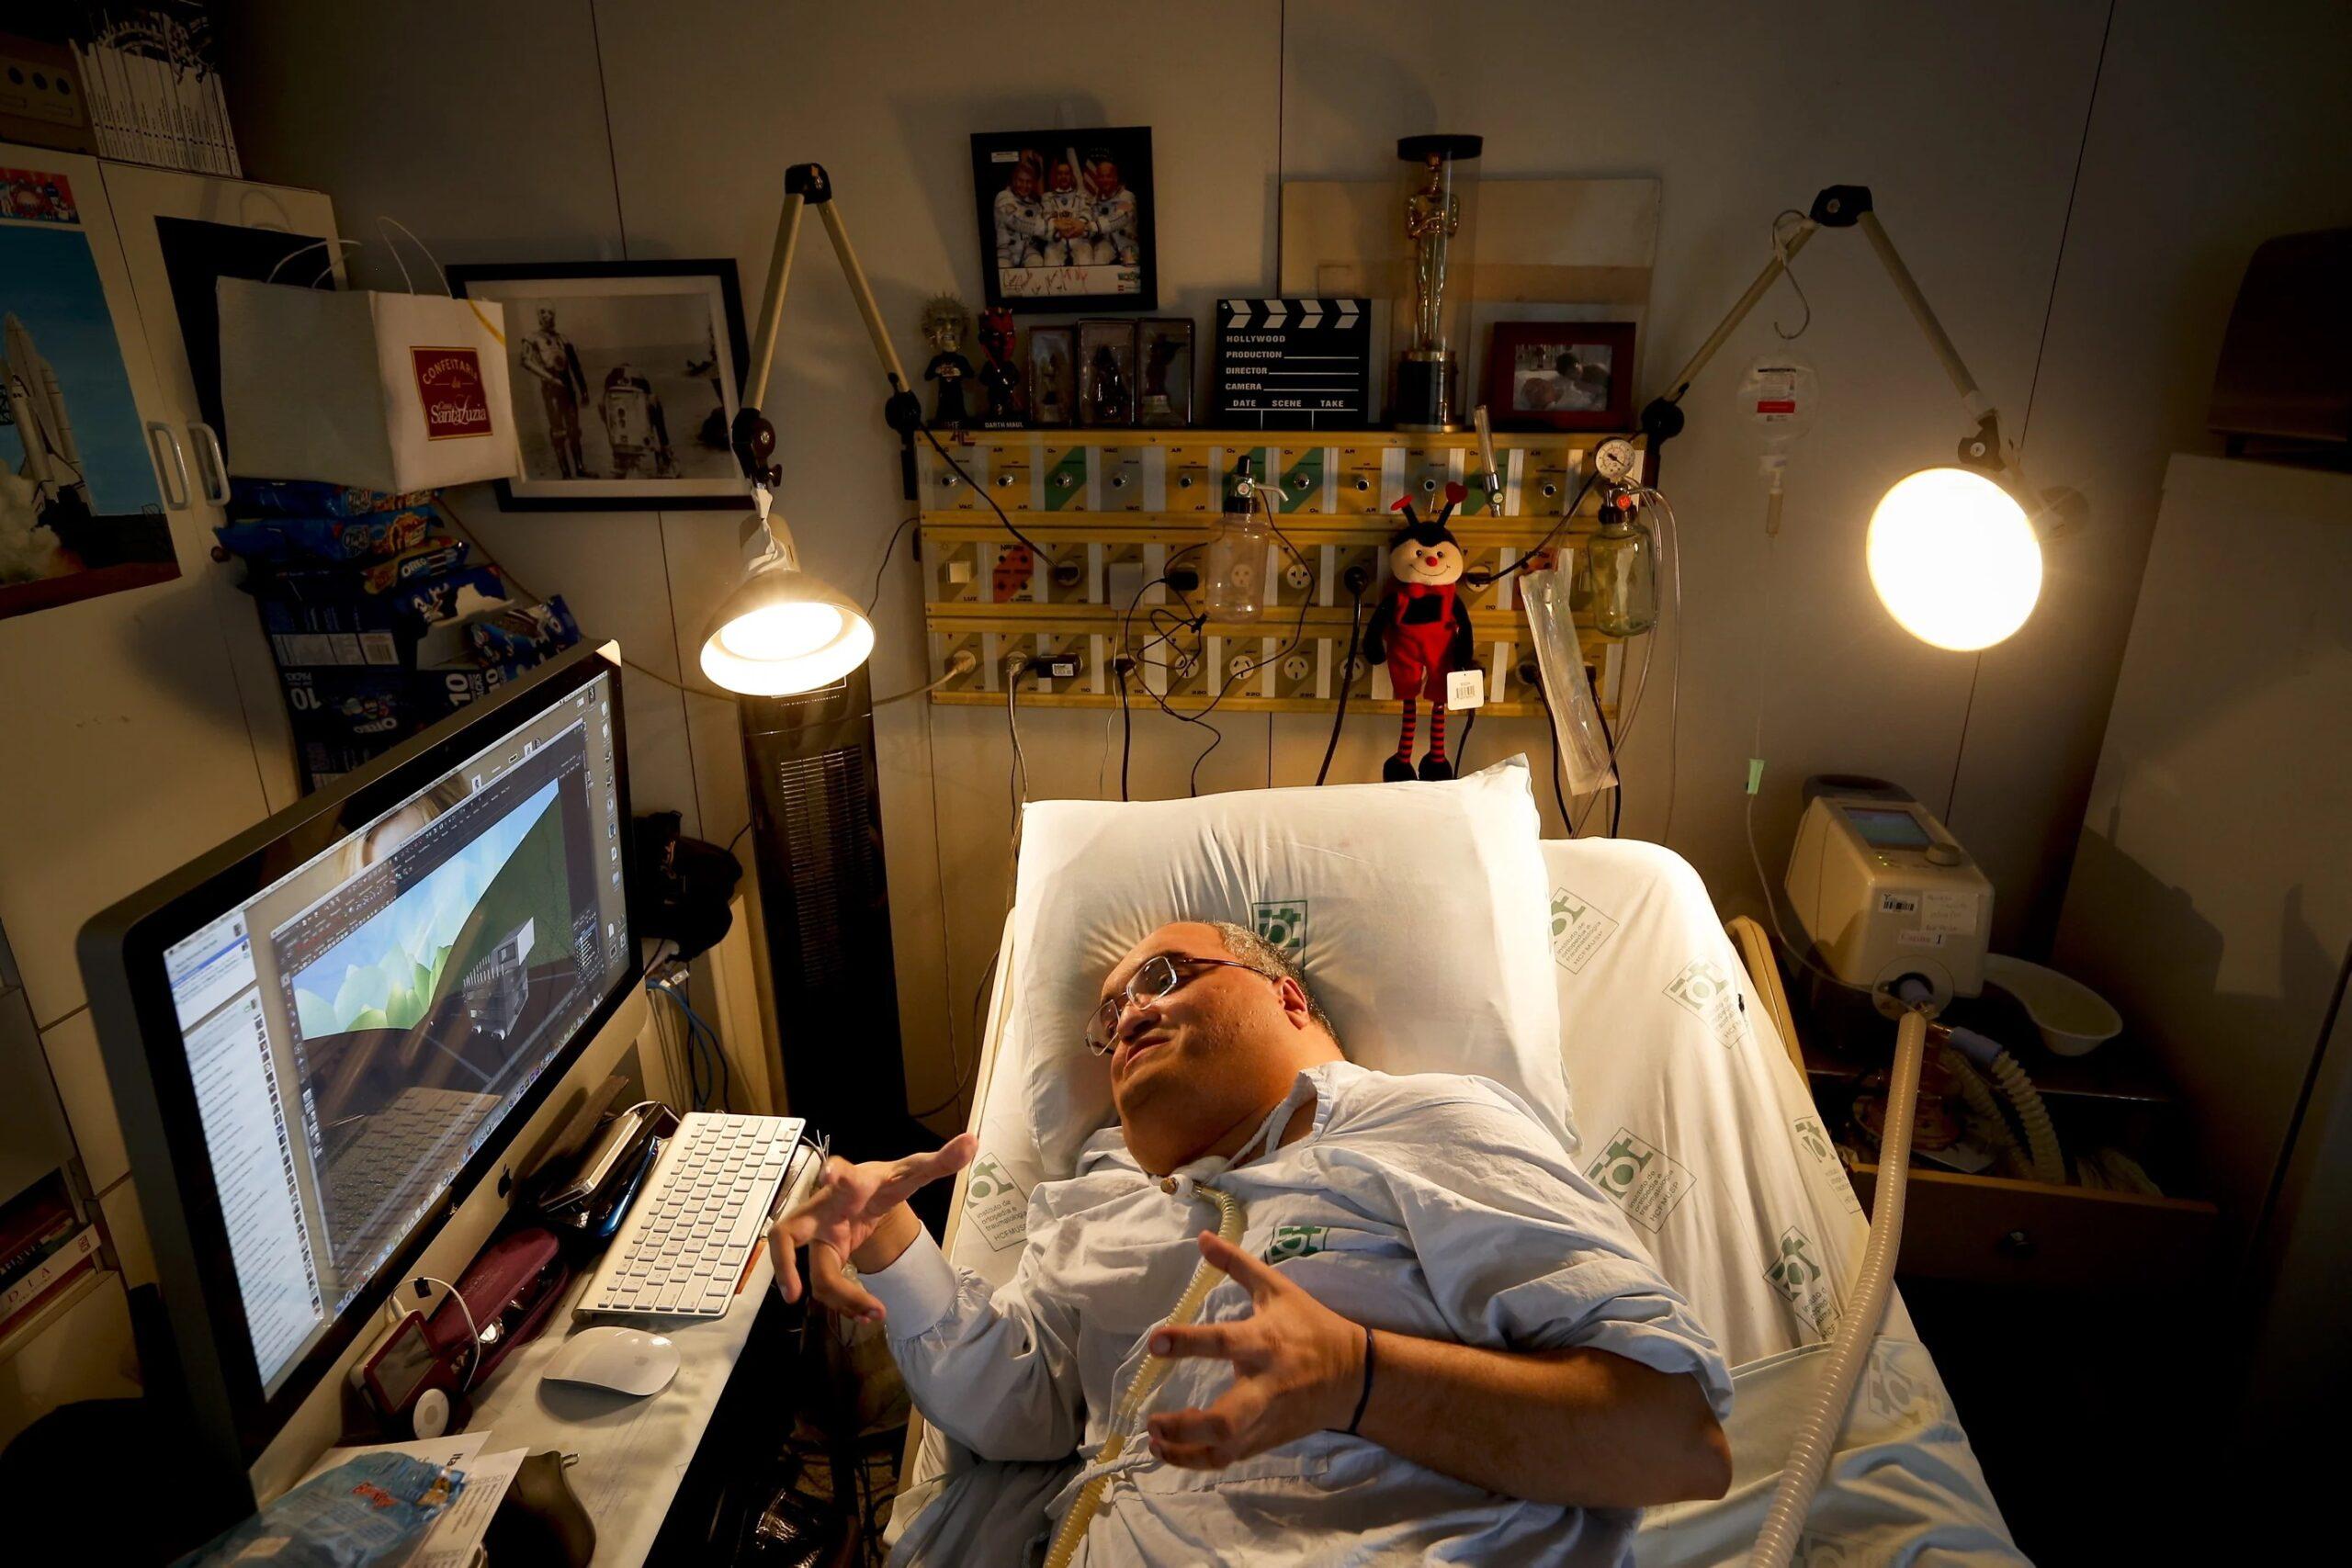 Morre paciente que vivia há 51 anos no Hospital das Clínicas em São Paulo